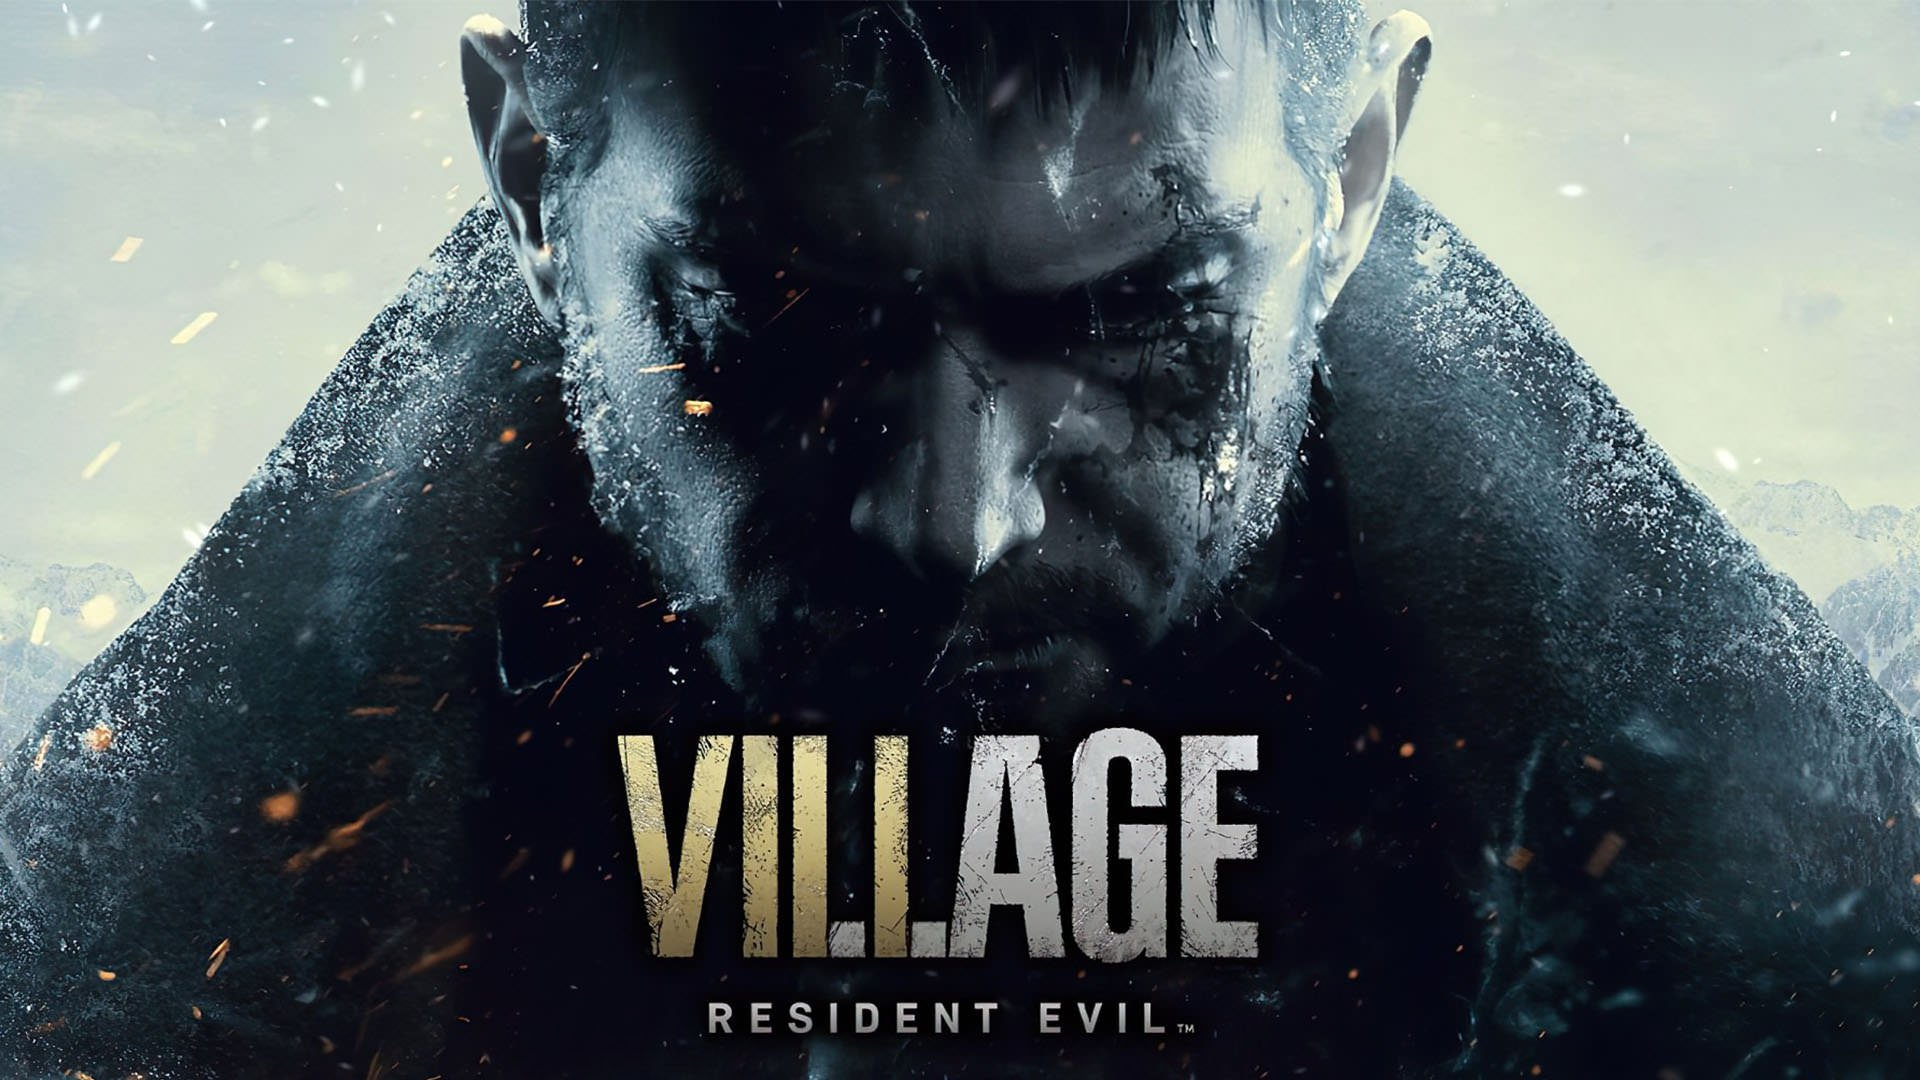 Resident Evil Village | از شباهت با رزیدنت ایول 4 تا تئوری های جالب داستانی